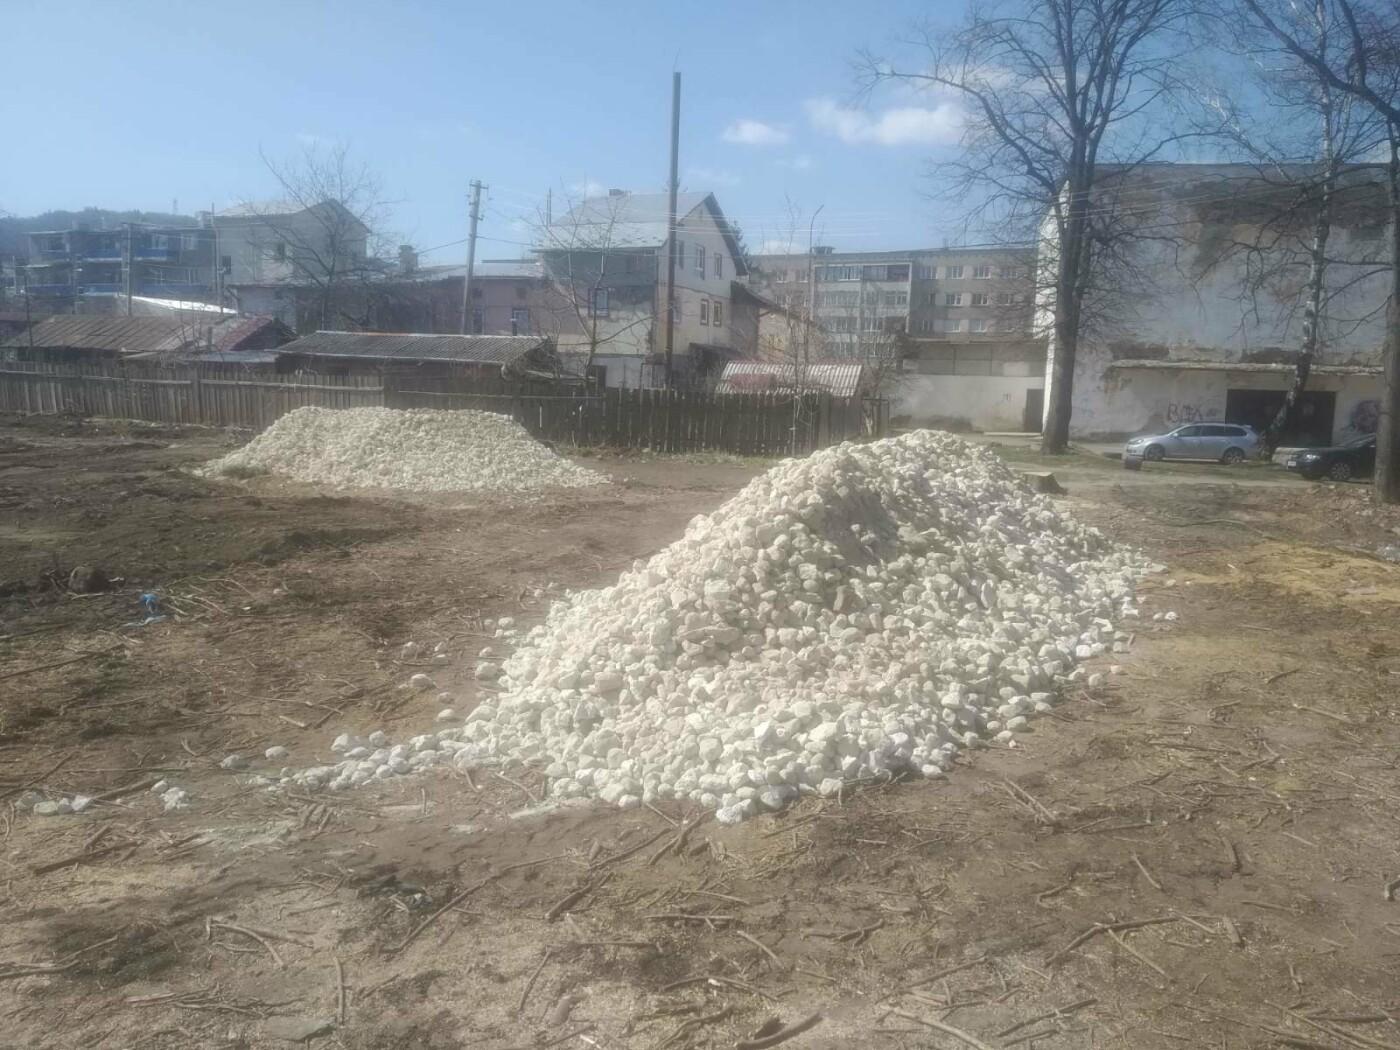 Майданчик для воркауту у Бориславі: тривають підготовчі роботи , фото-1, Фото - 03247.com.ua